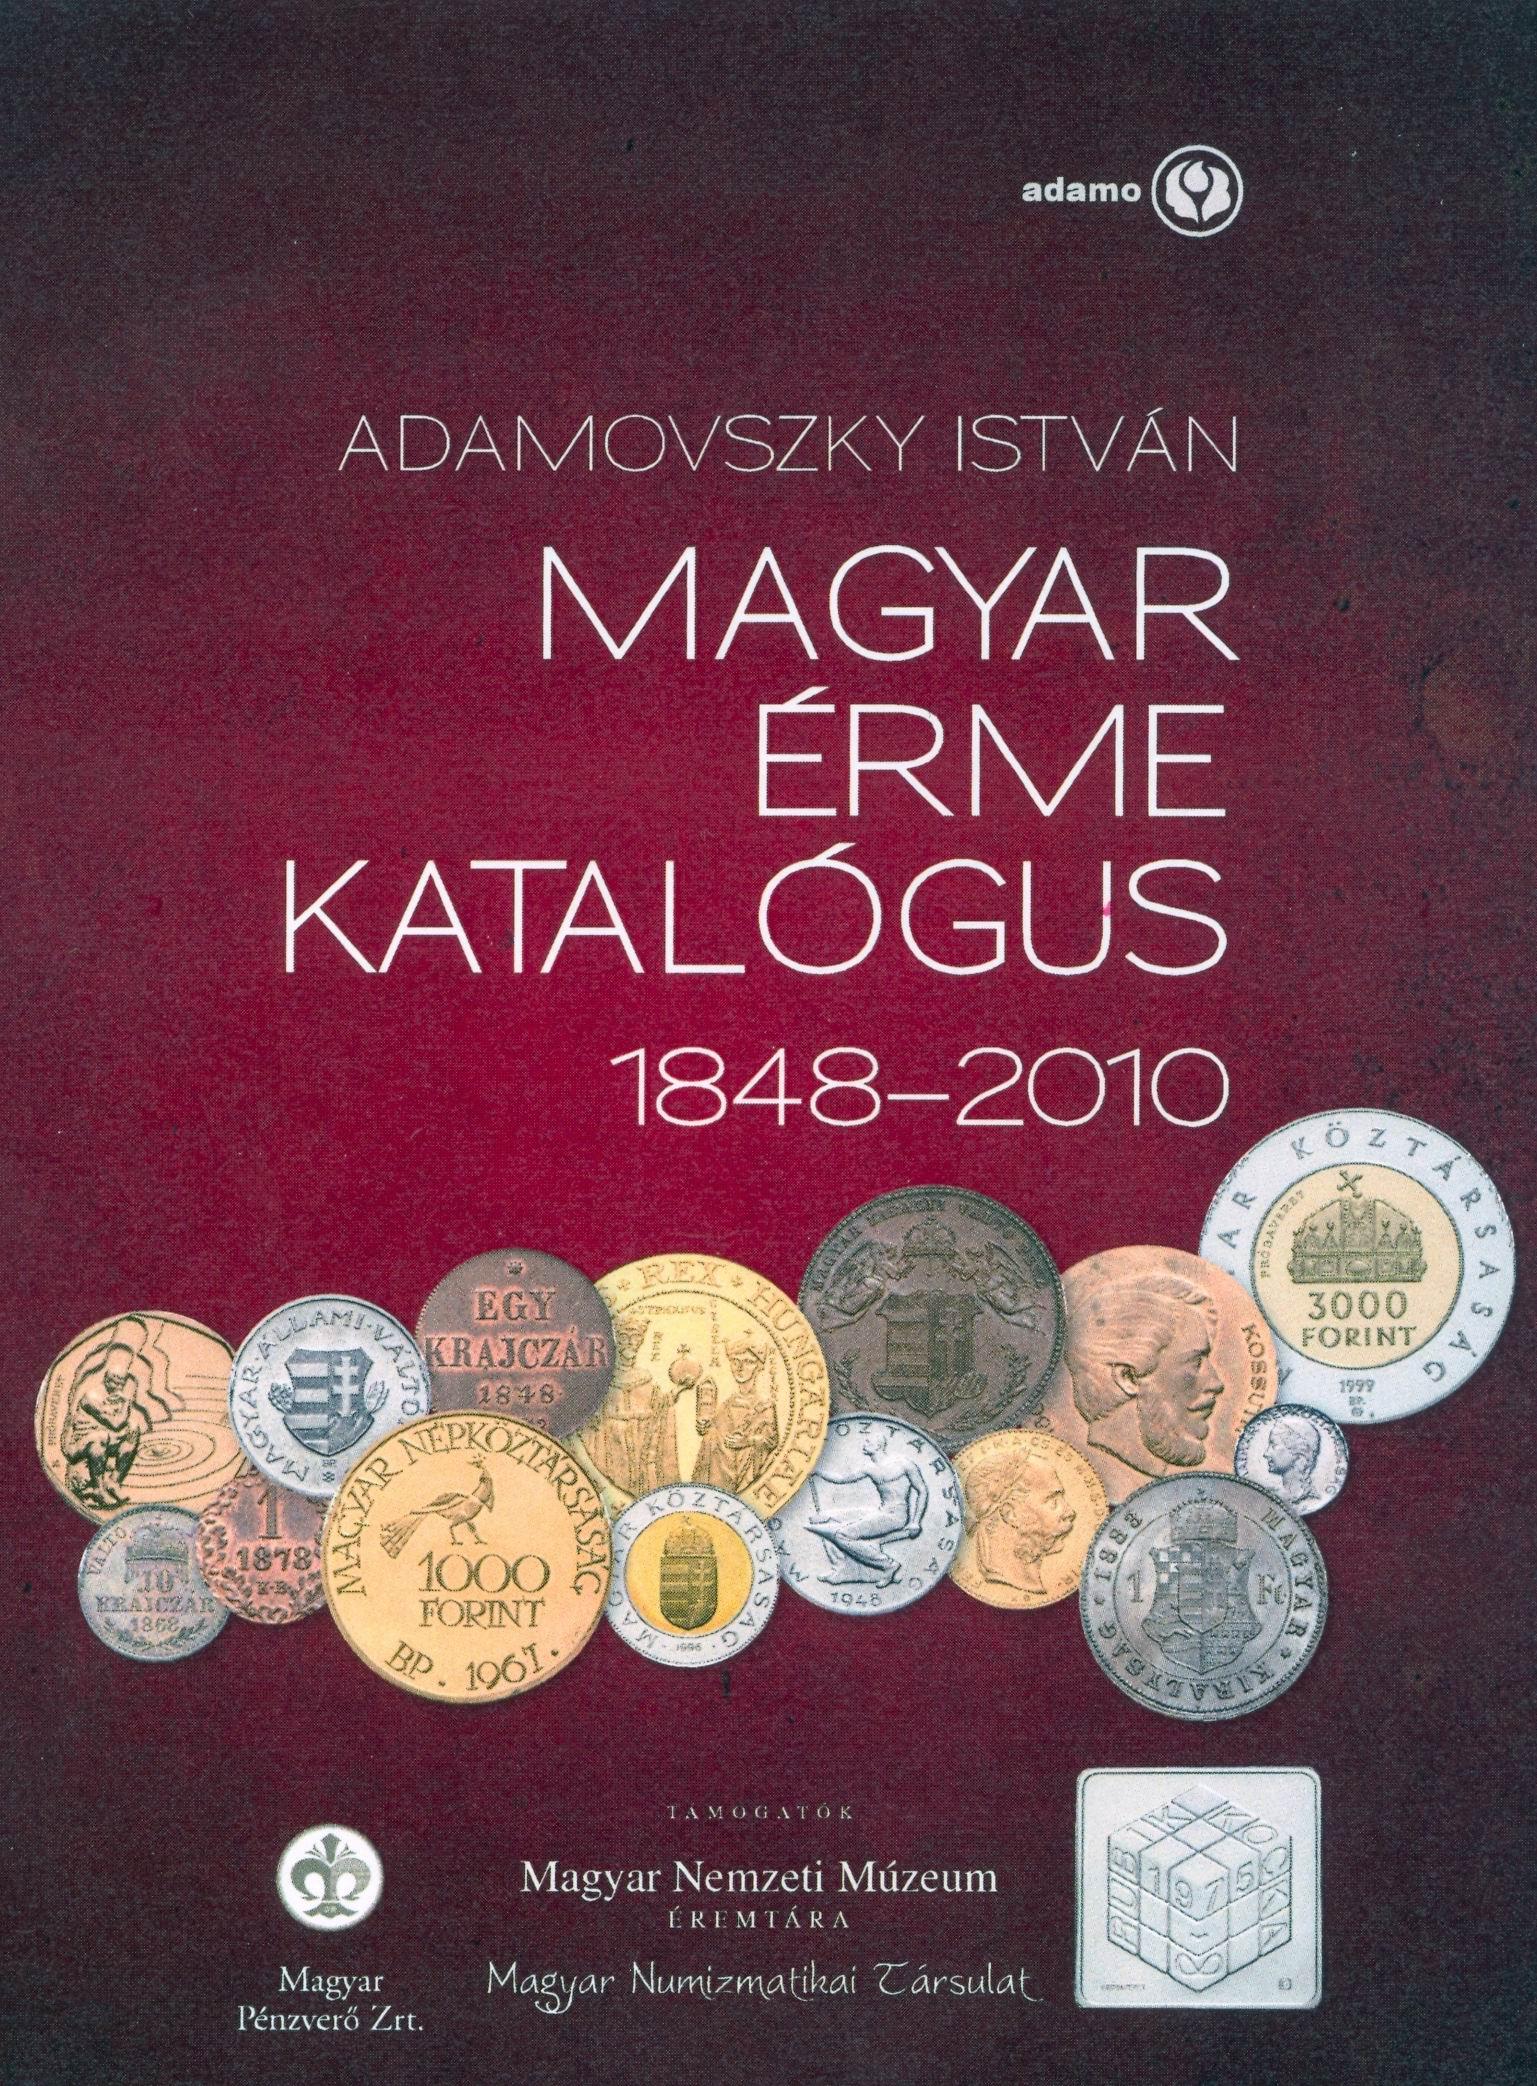 http://www.koronaportal.hu/konyvek/adamovszky_magyar_erme_katalogus_1848-2010_nagy.jpg